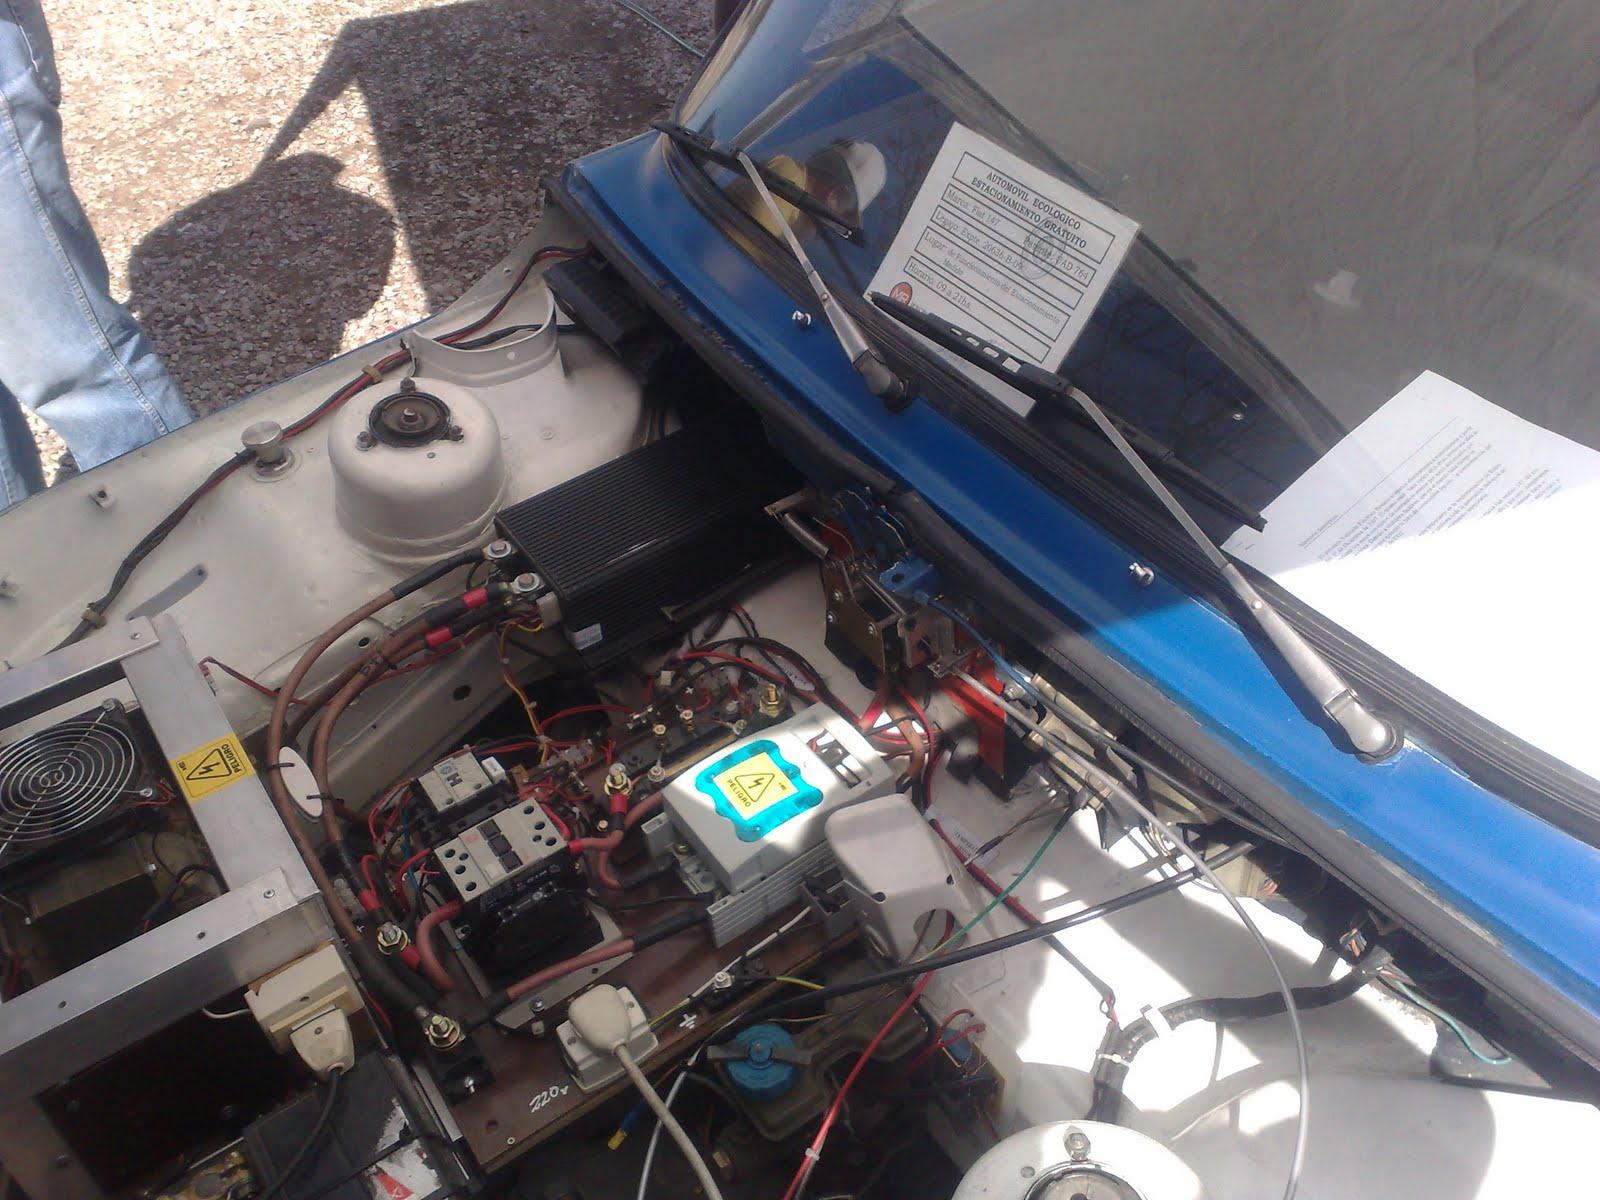 vehiculo electrico casero2